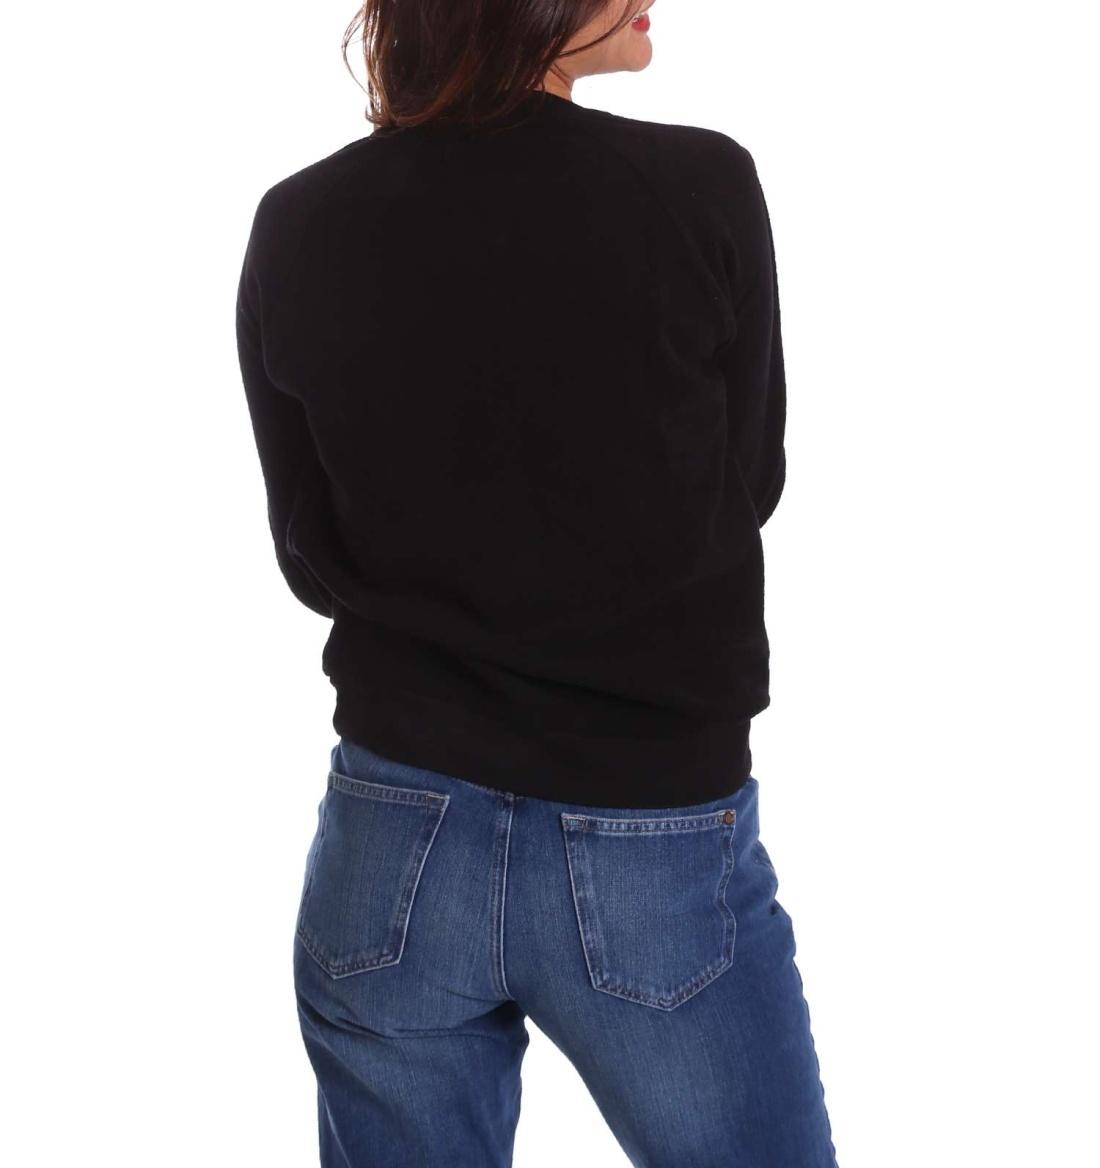 Pepe Jeans dámská černá mikina Nana - Mode.cz 43d85b942d4